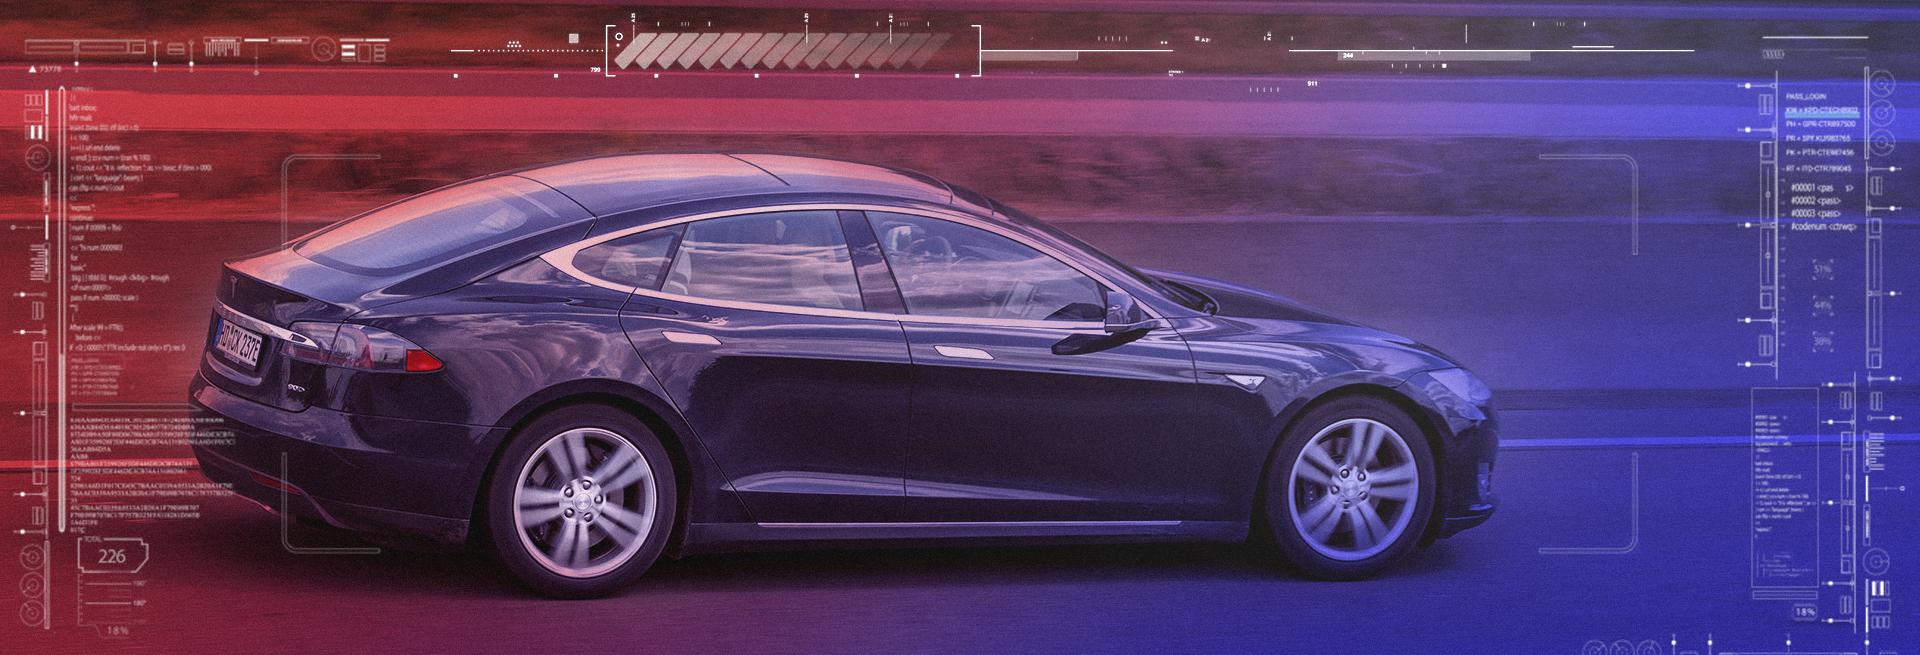 Em um acidente, quais vidas devem ser priorizadas? A indústria de carros autônomos enfrenta esses e outros desafios. Saiba mais em nosso blog: